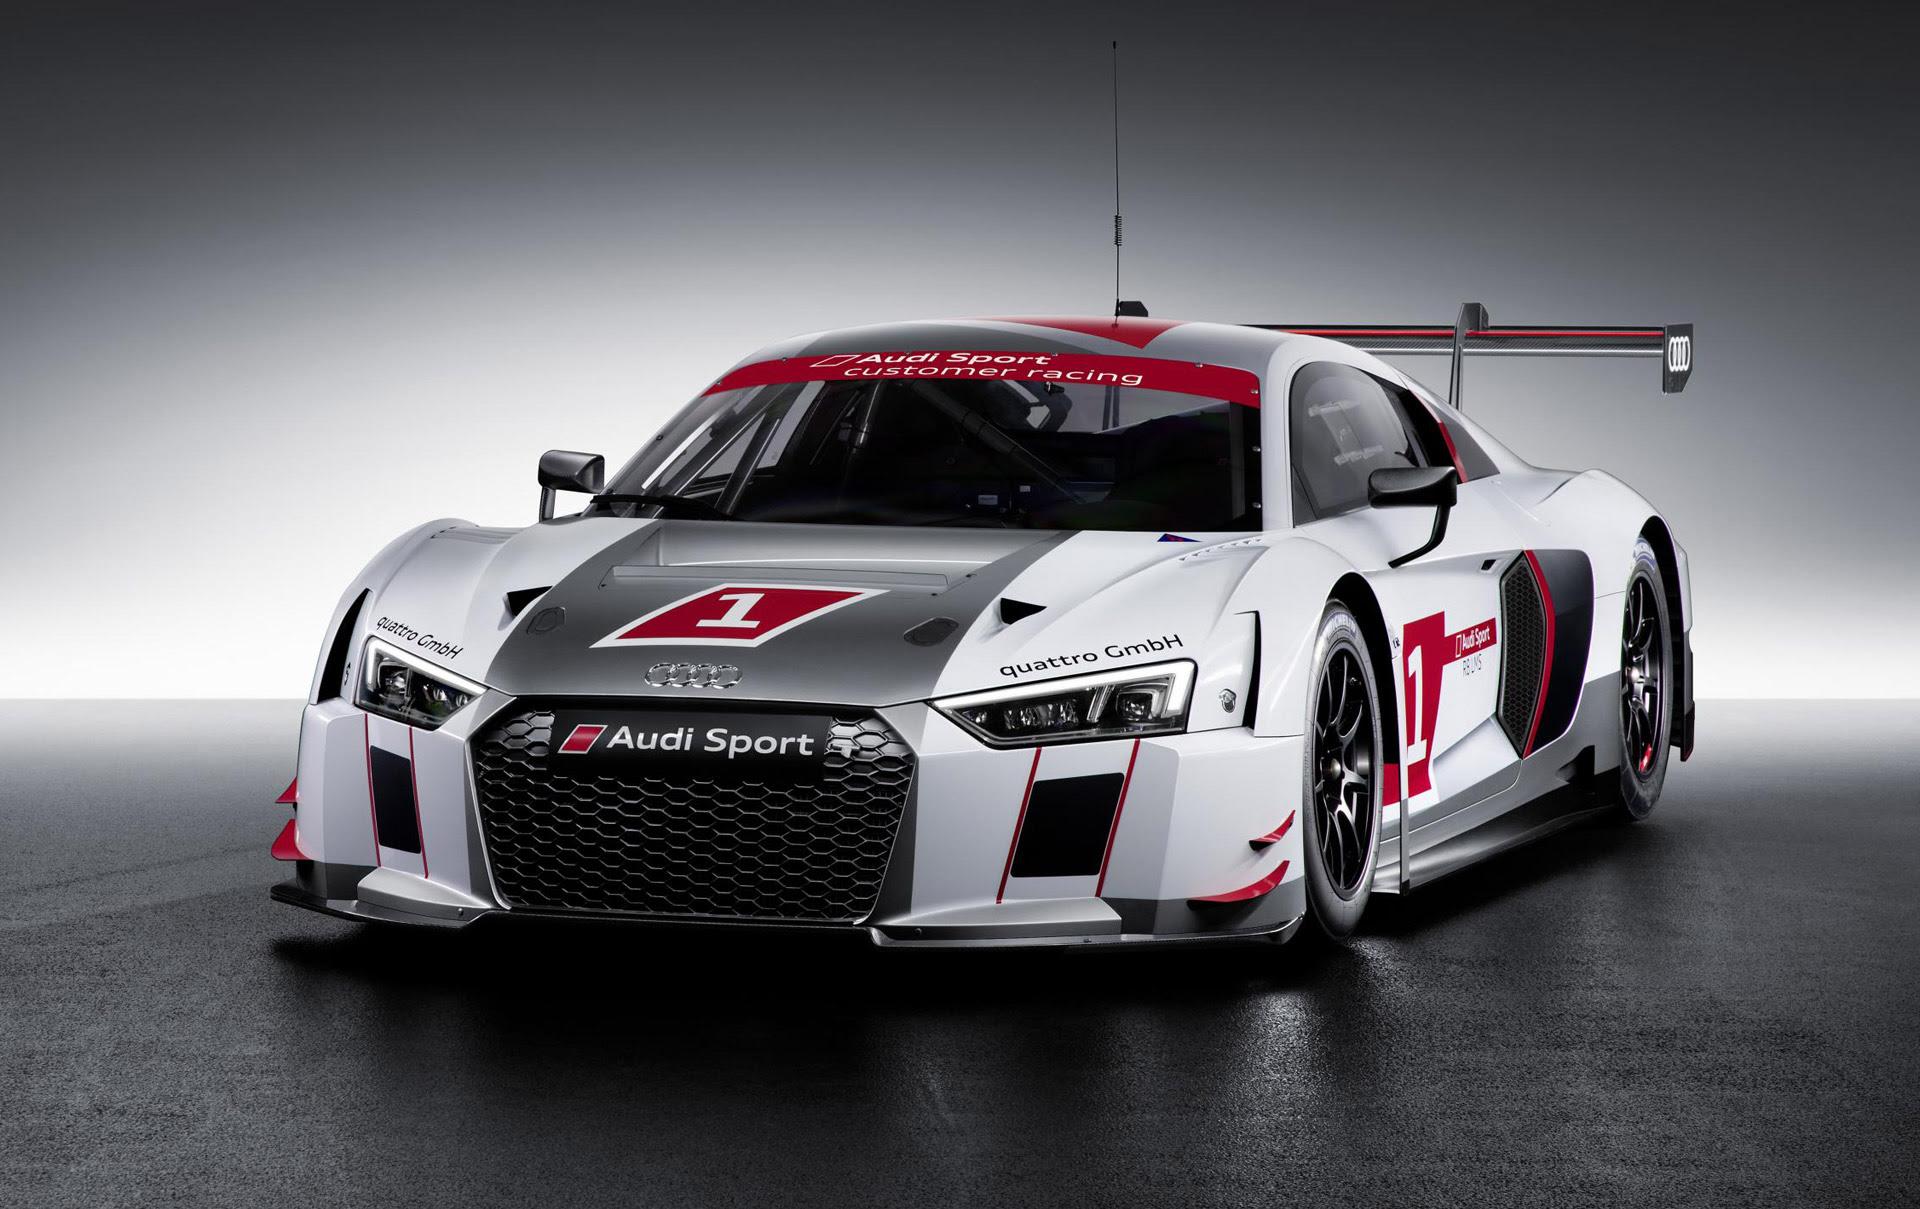 2016 Audi R8 LMS Race Car Debuts At 2015 Geneva Motor Show